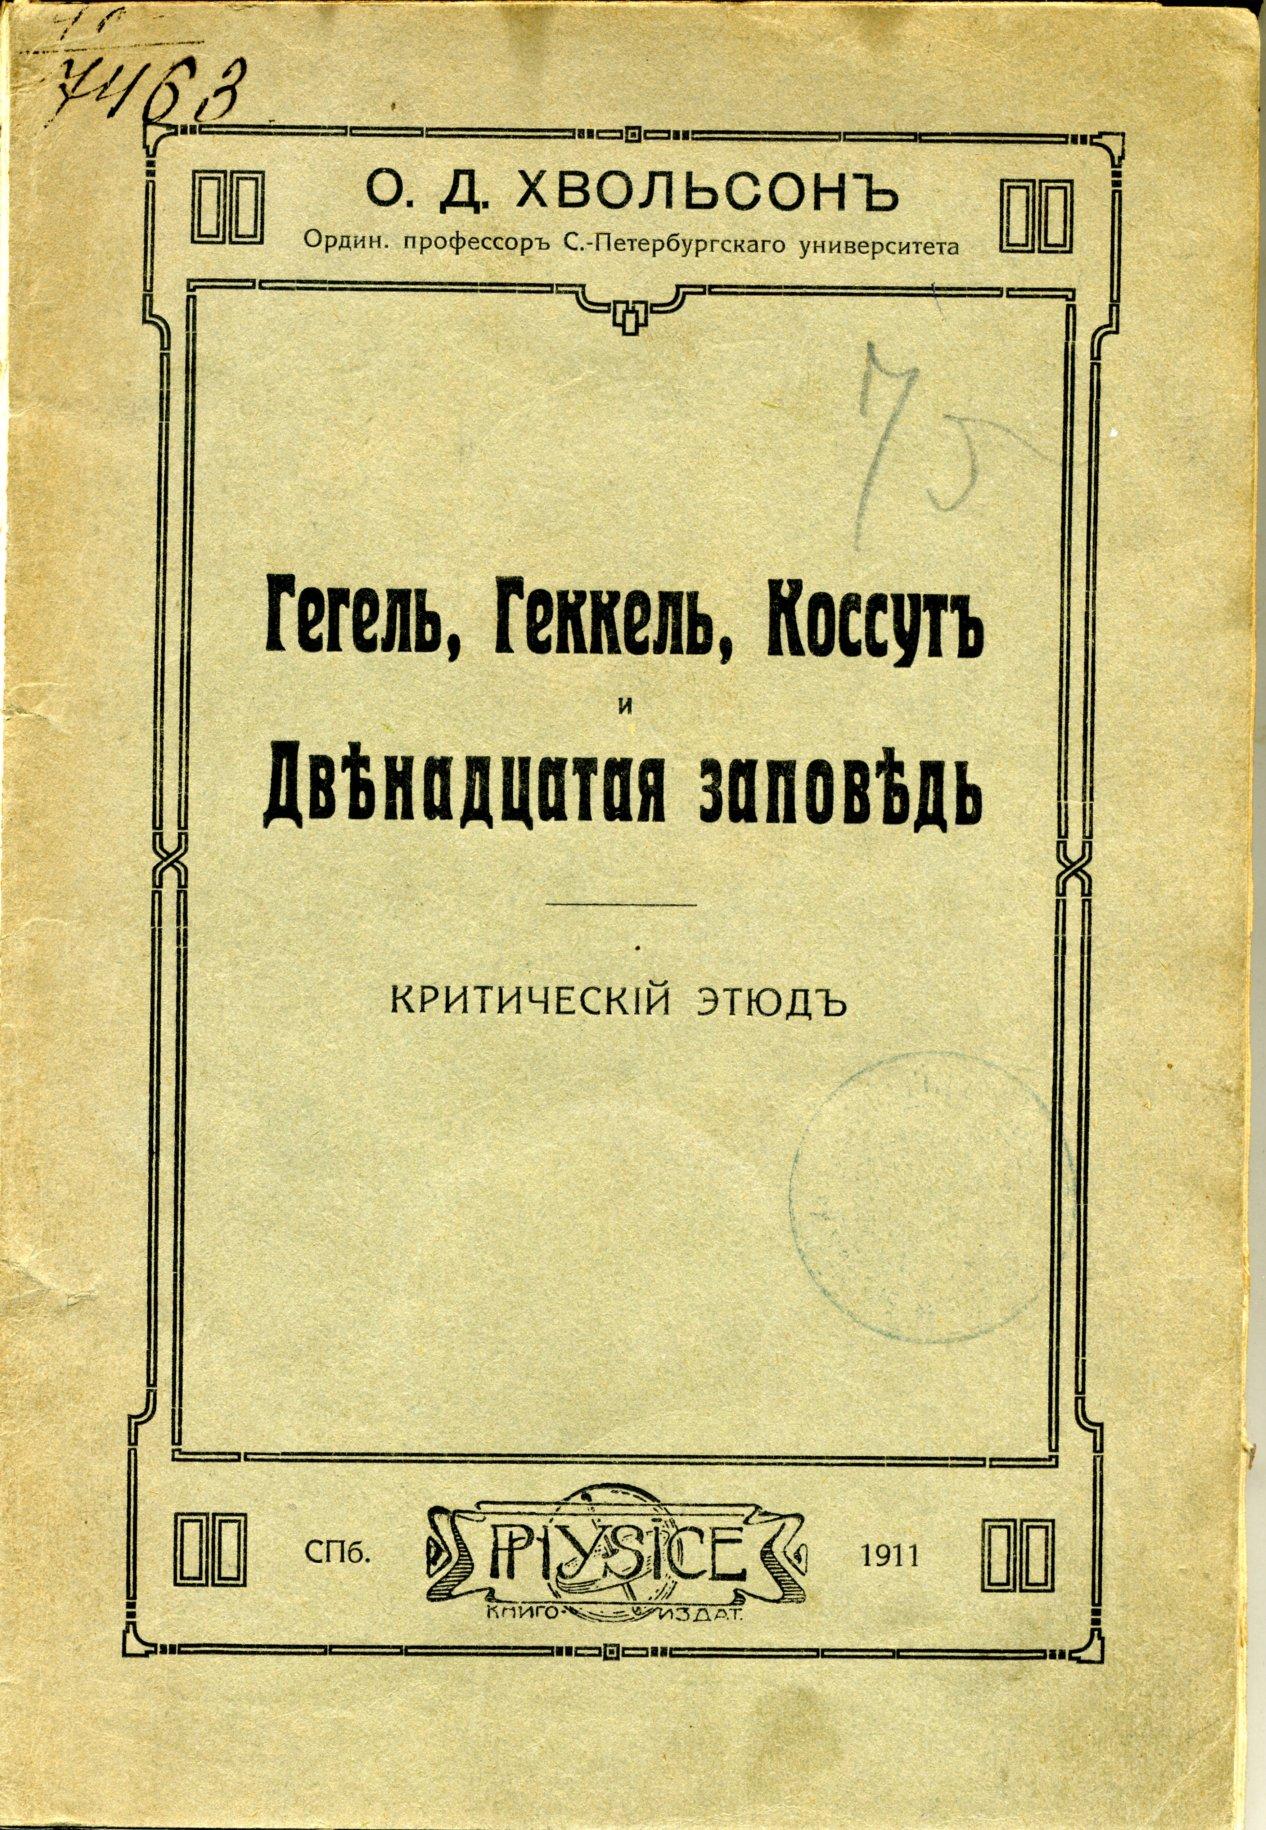 Обложка книги О. Д. Хвольсона «Гегель, Геккель, Коссут и Двенадцатая заповедь» (1911)